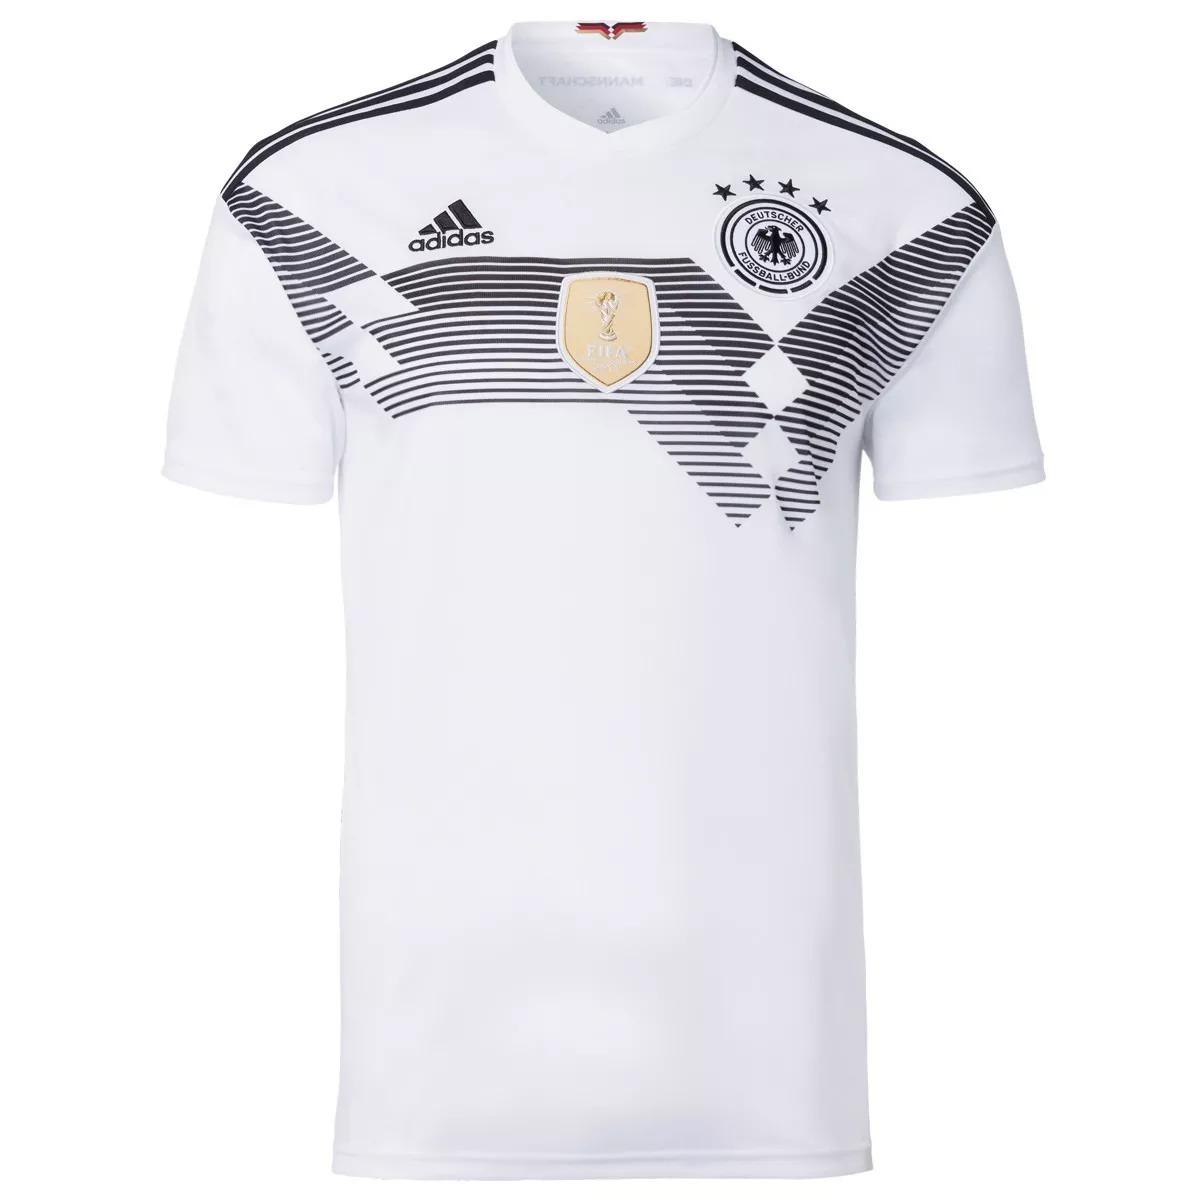 0191d07bf6446 camisa futebol alemanha copa do mundo 2018 oficial- promoção. Carregando  zoom.